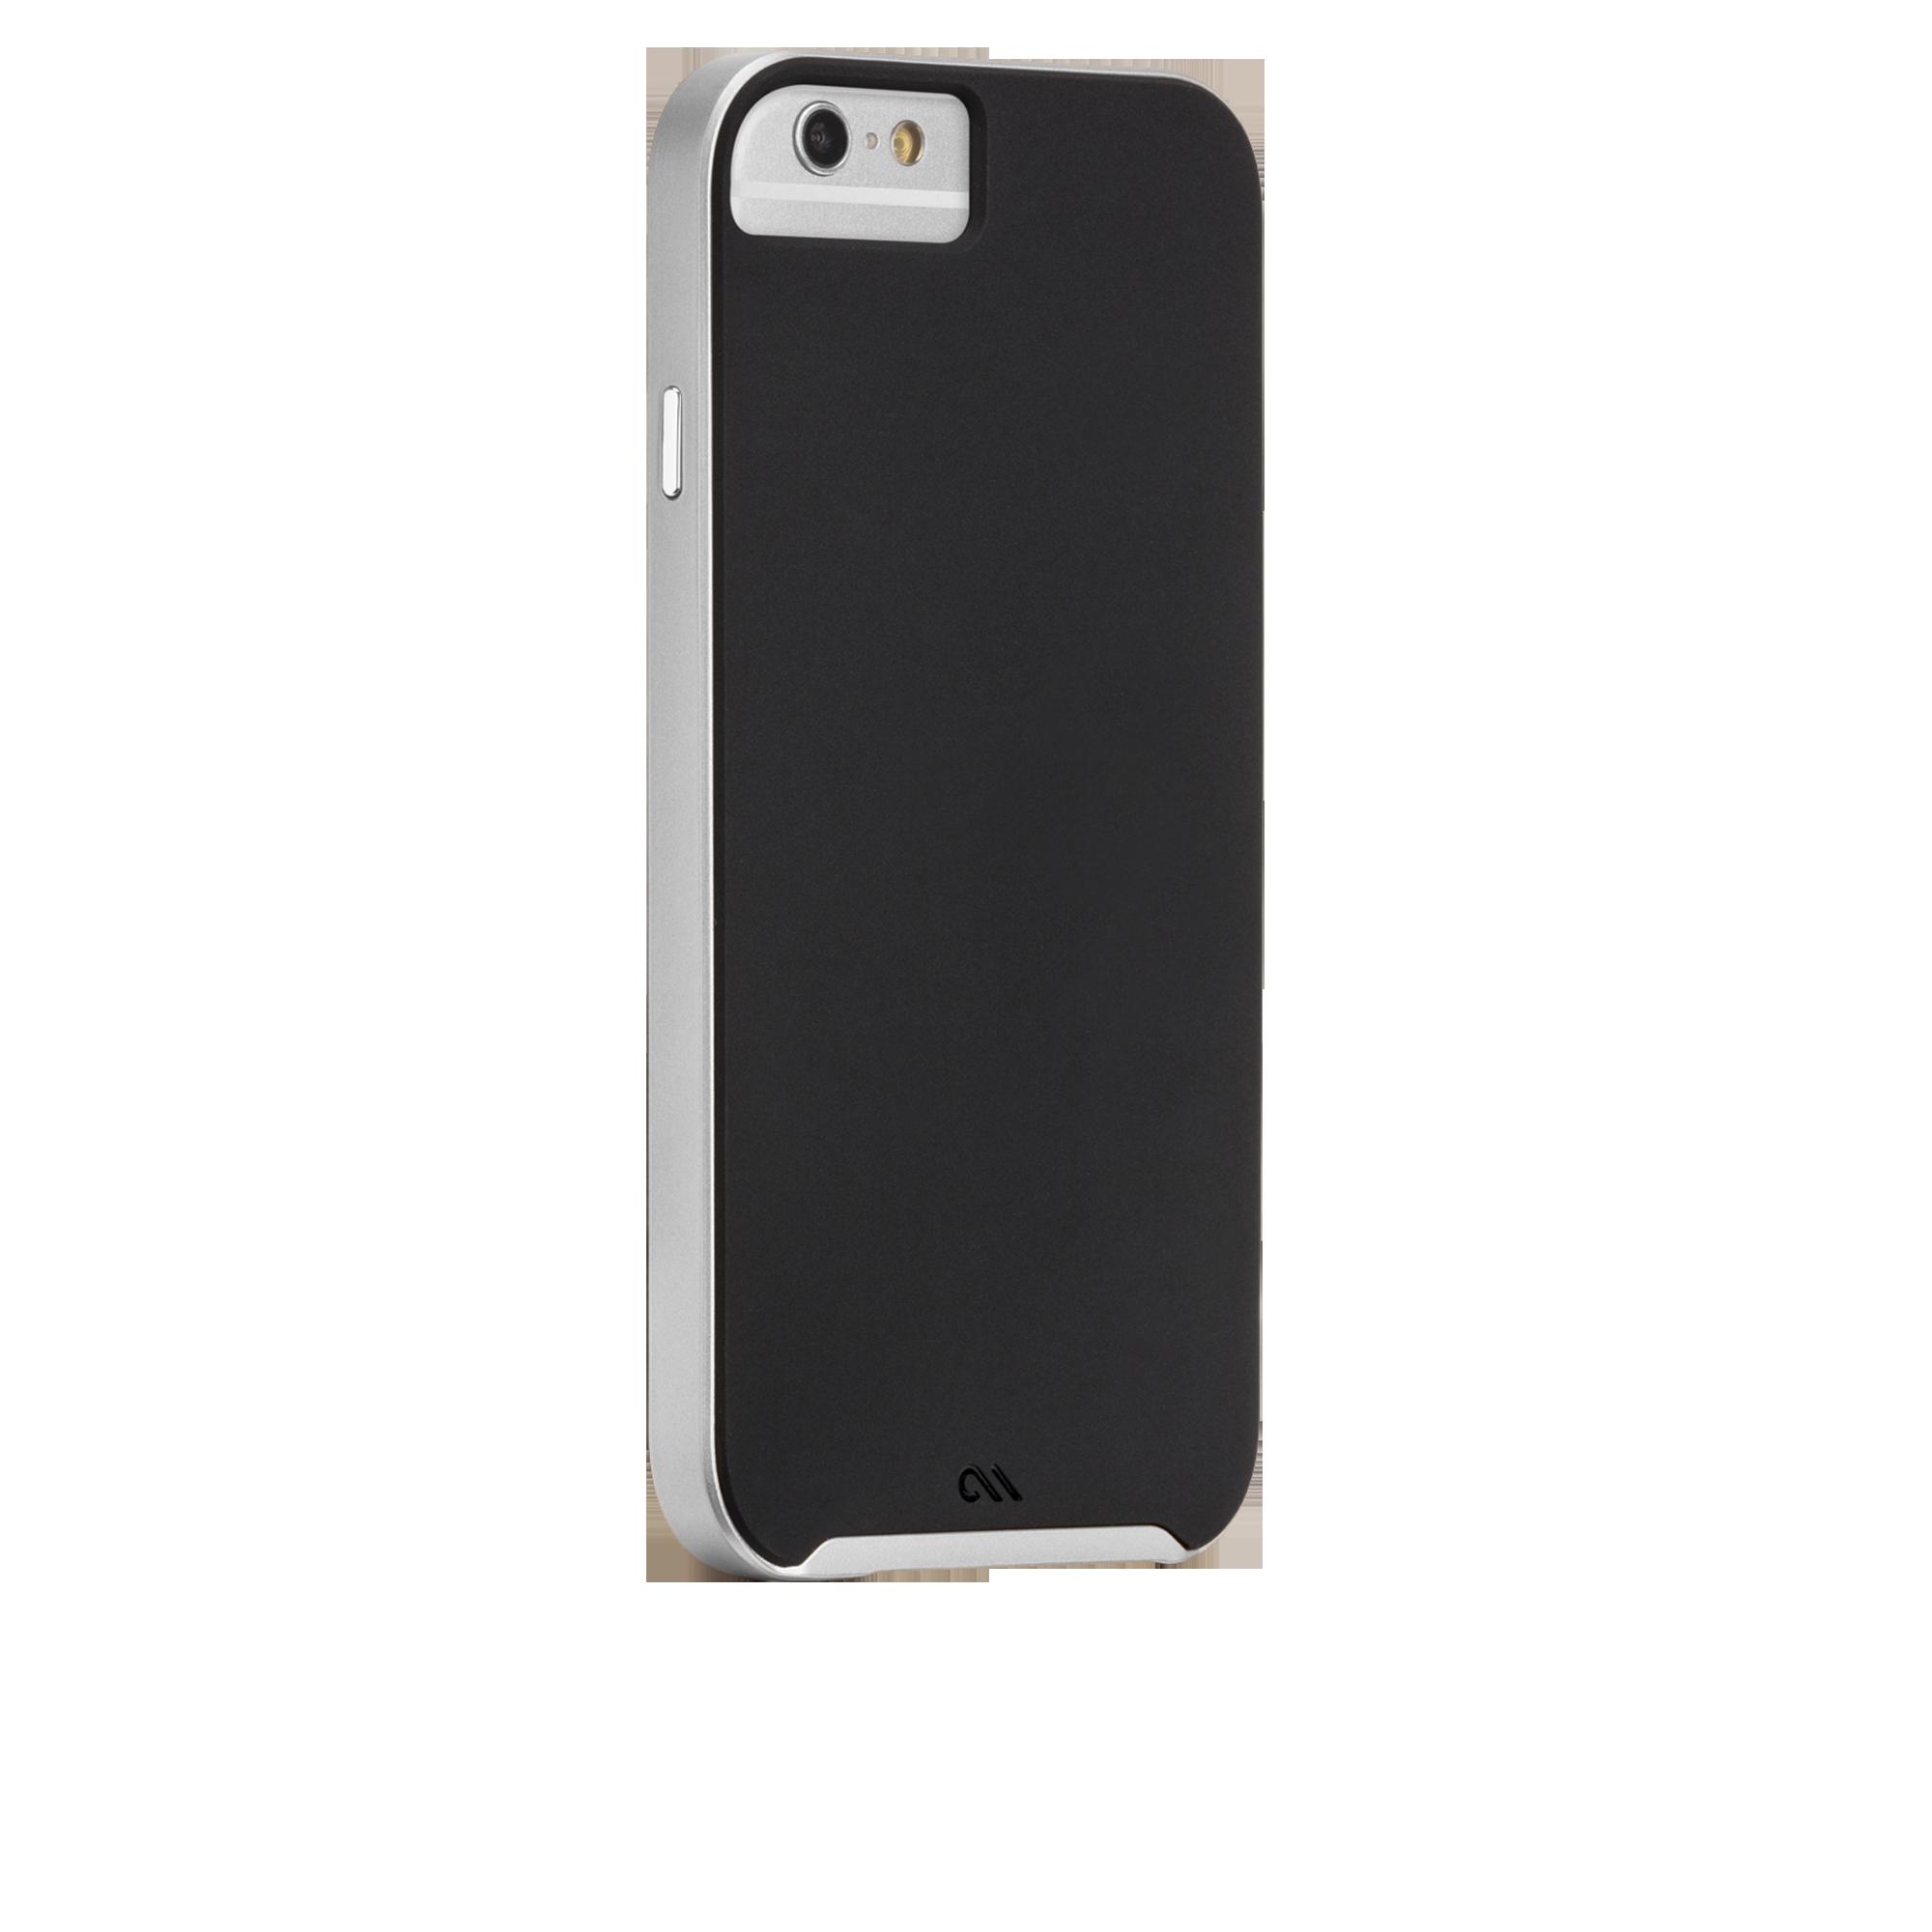 Slim Tough Case - Black & Silver